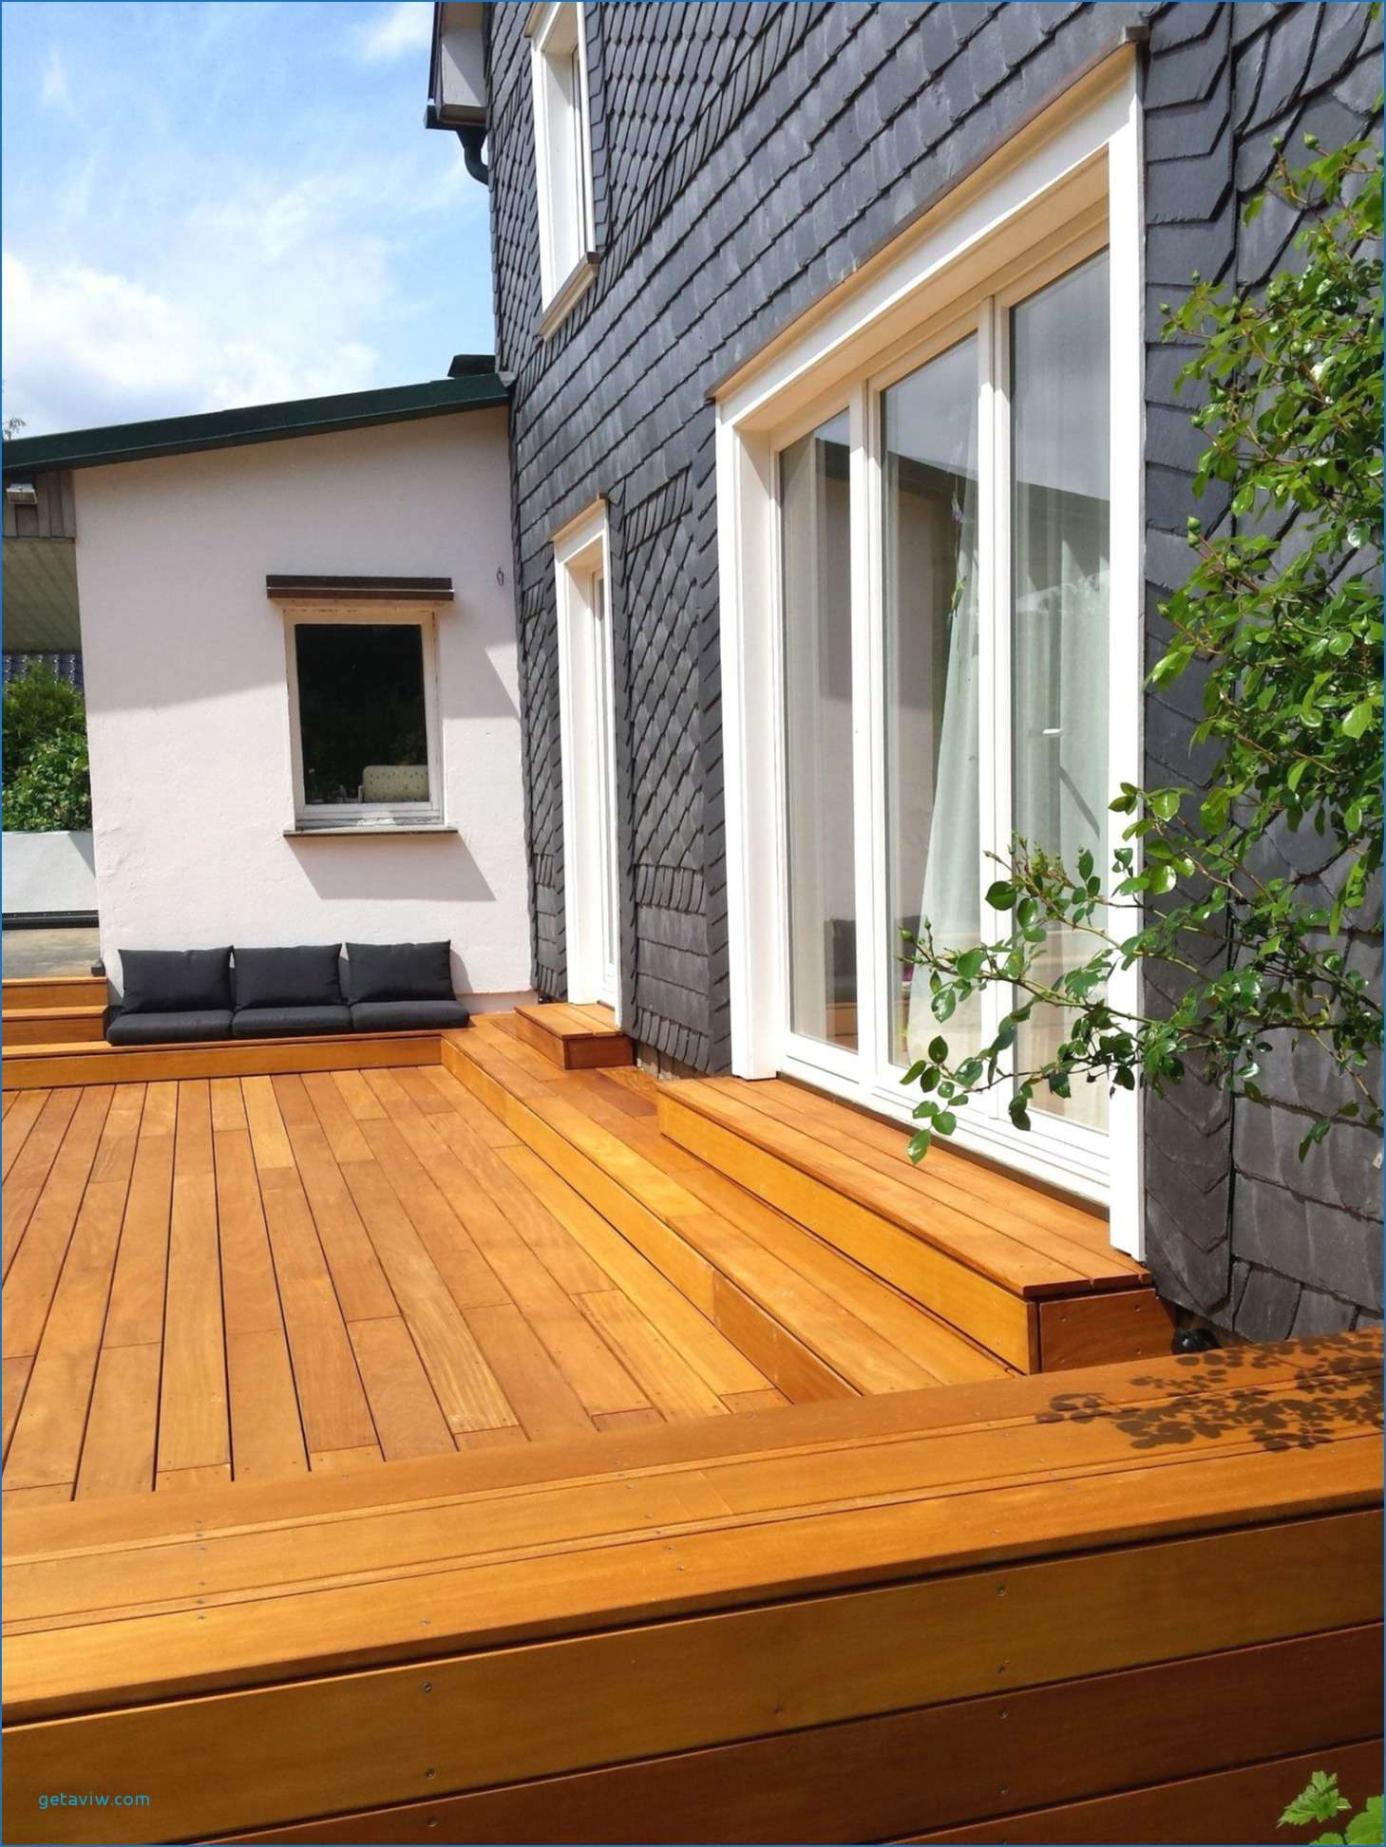 42 frisch sichtschutz mauer terrasse galerie terrasse wand verkleiden terrasse wand verkleiden